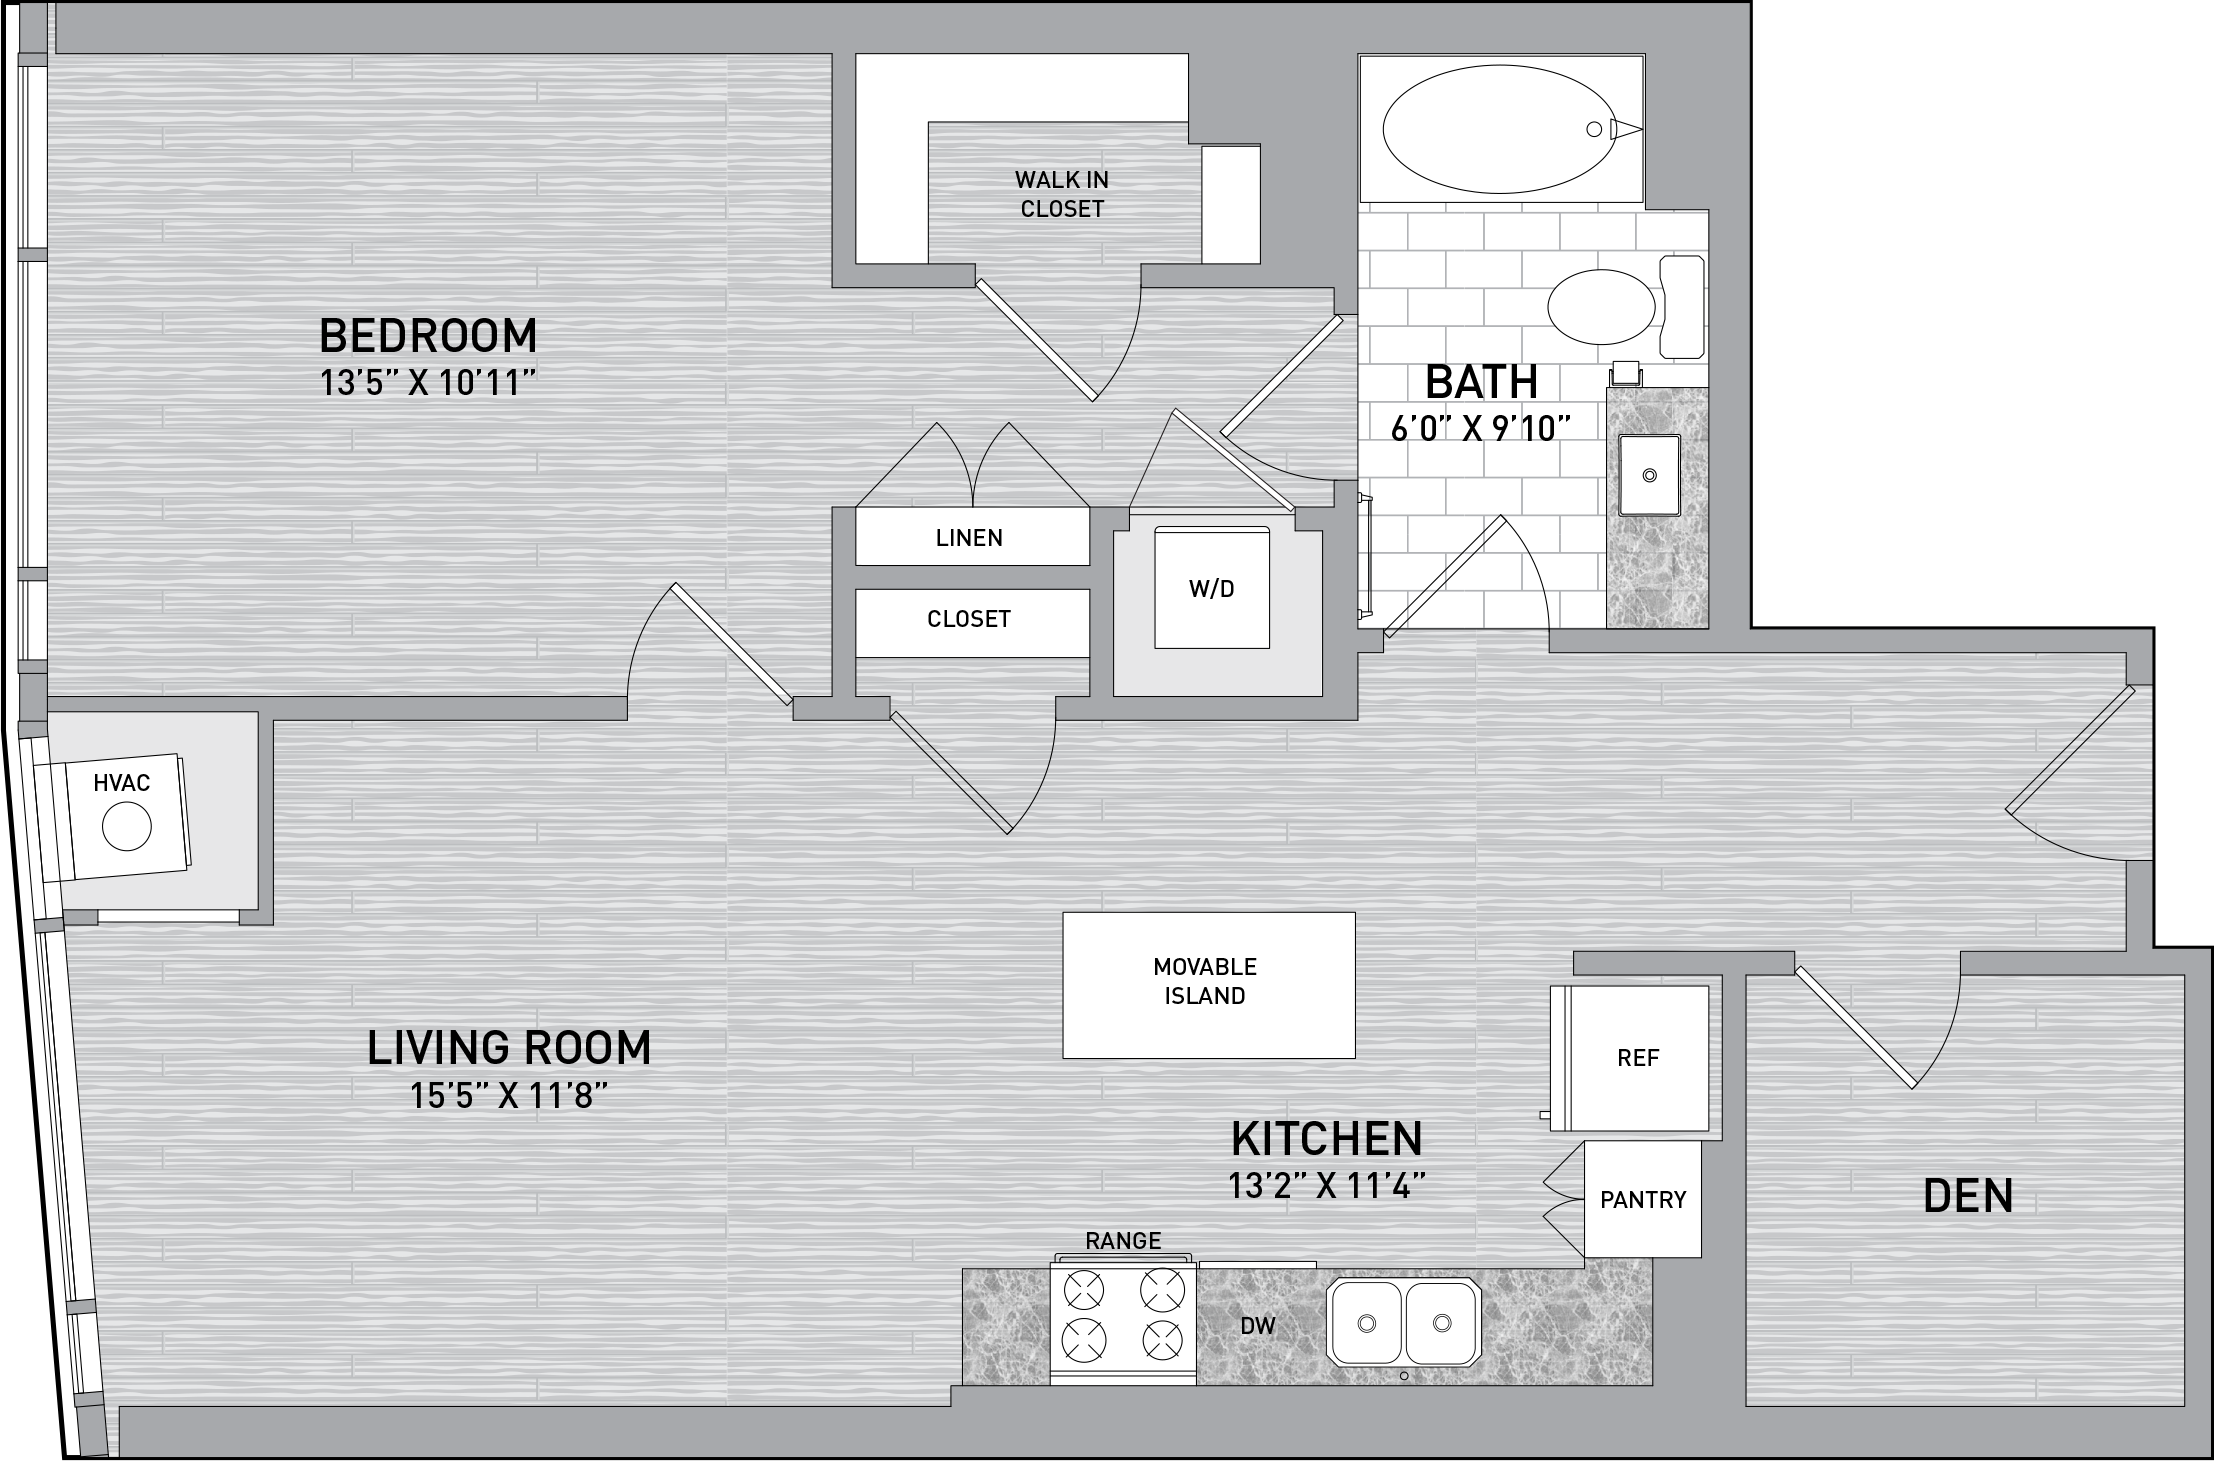 floorplan image of unit id 828